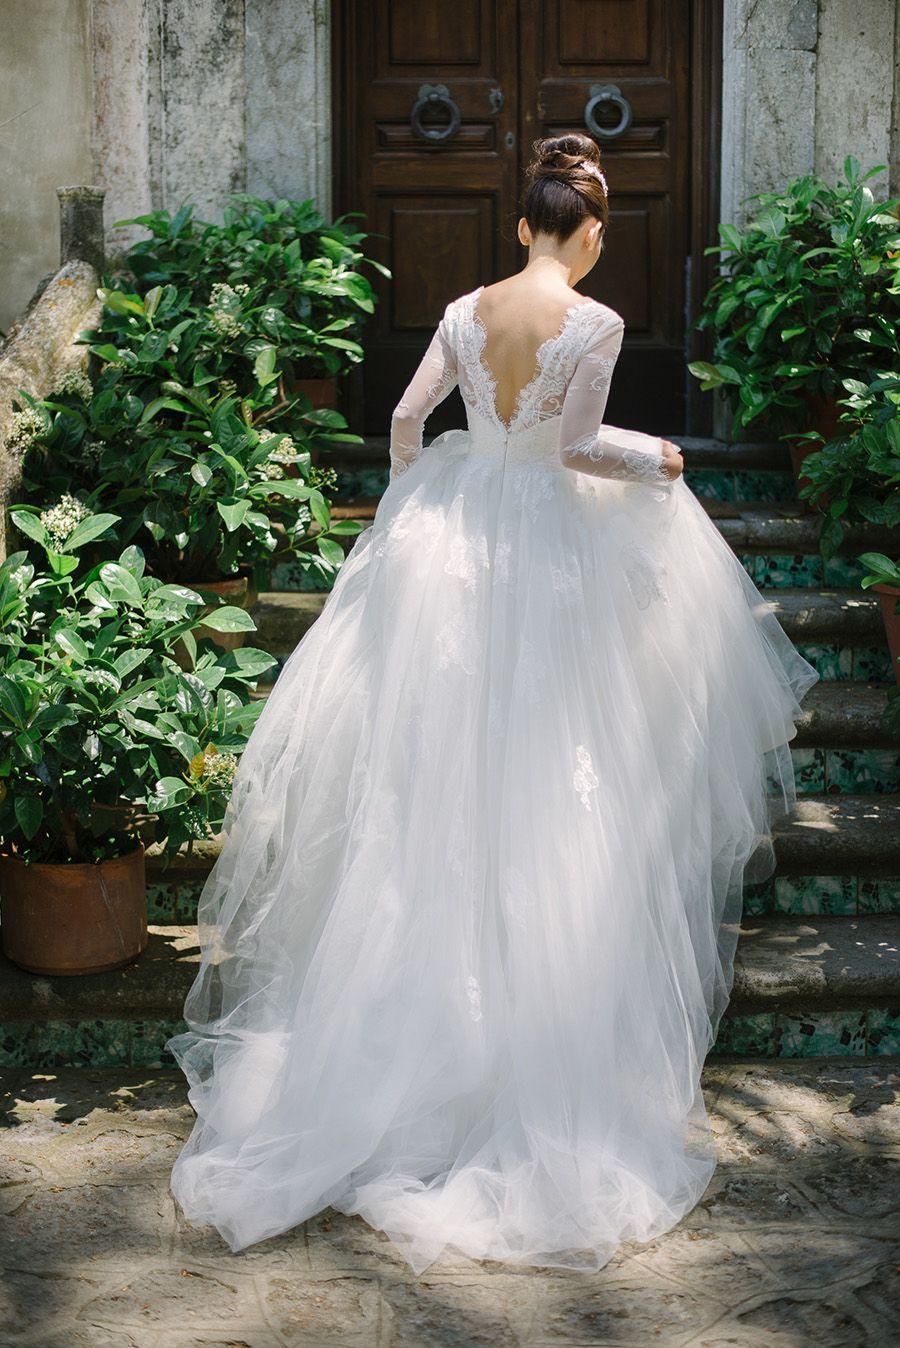 Braut in traumhaften weißen Brautkleid mit offenem Rücken | Wedding ...